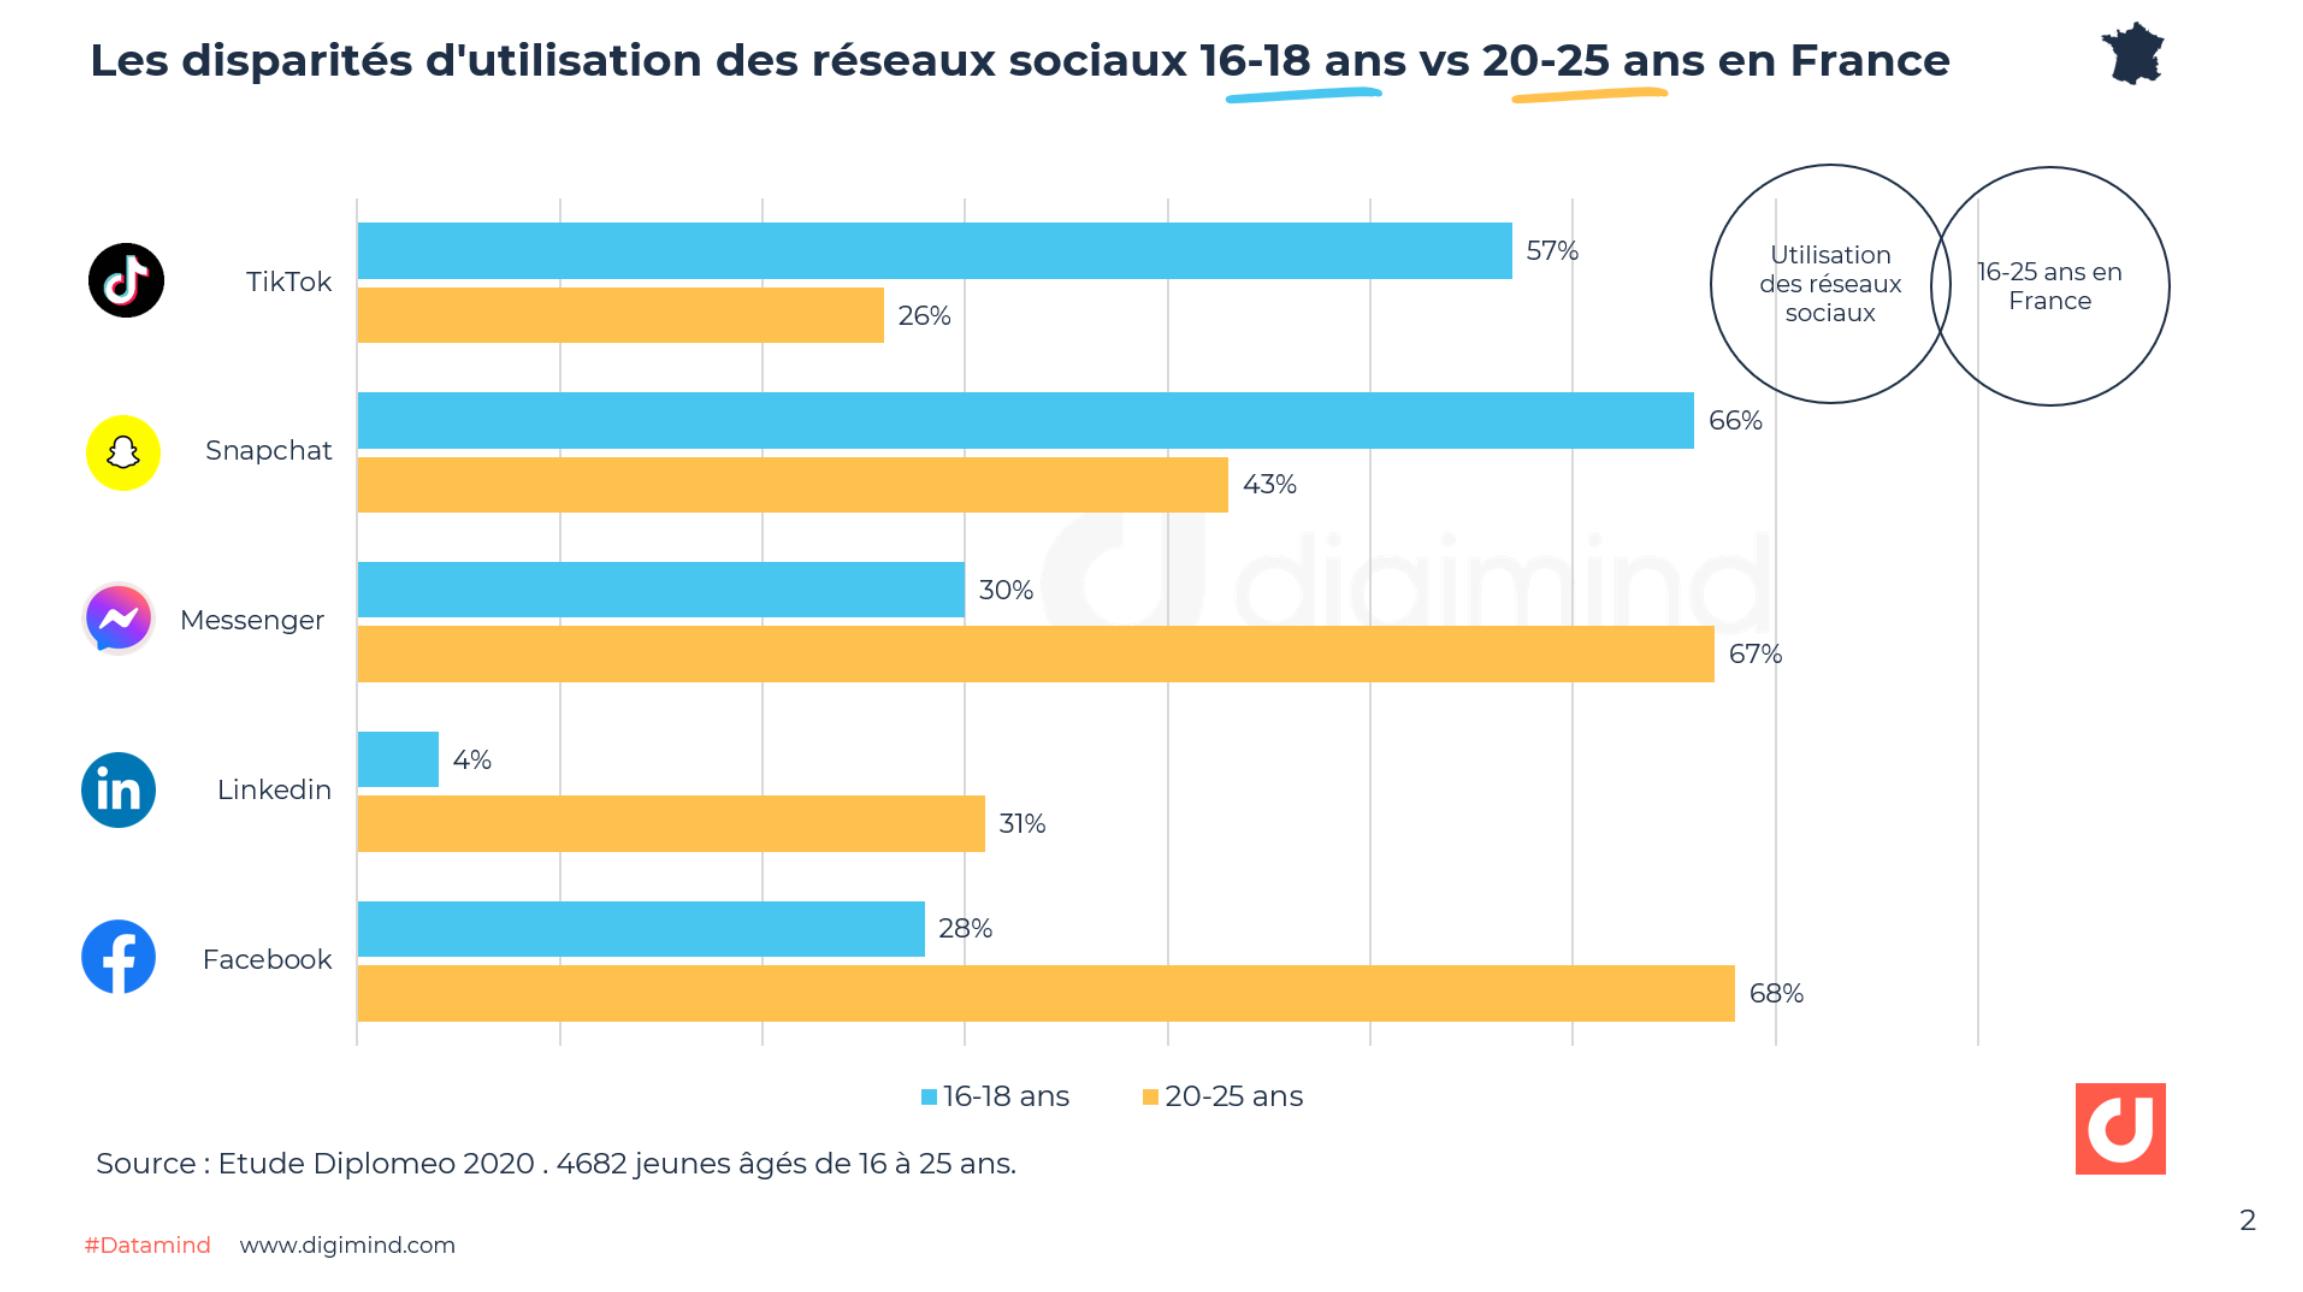 Les disparités d'utilisation des réseaux sociaux 16-18 ans vs 20-25 ans en France